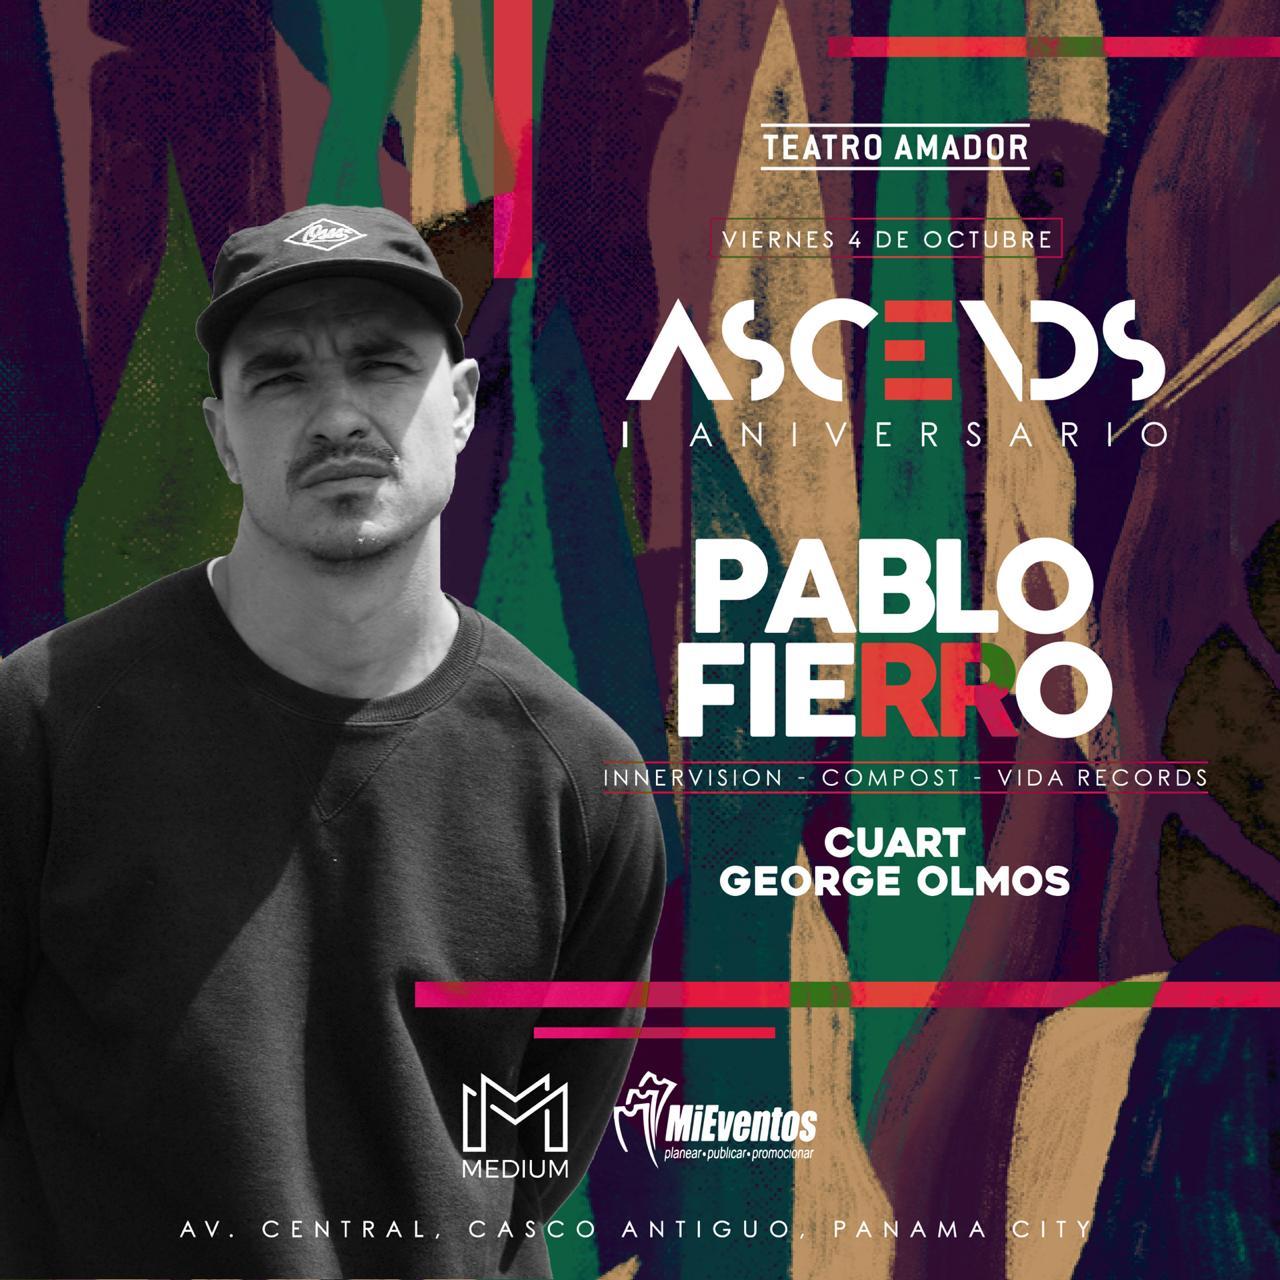 Photo of Ascends Aniversario I con Pablo Fierro en Teatro Amador